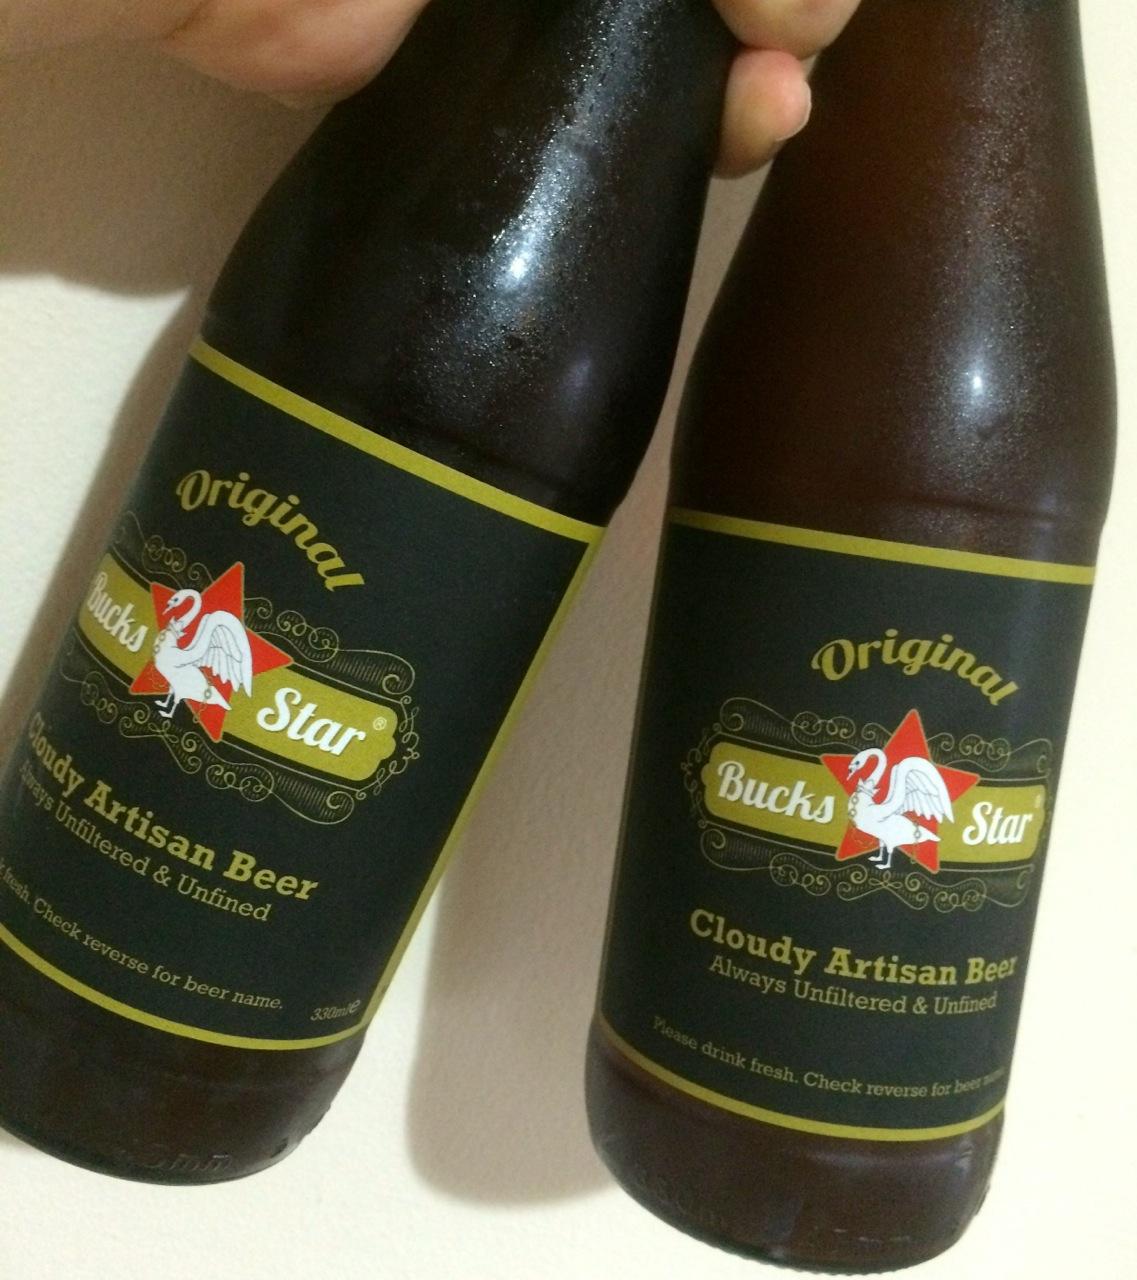 http://fatgayvegan.com/wp-content/uploads/2015/12/Bucks-Star-beer-1.jpg